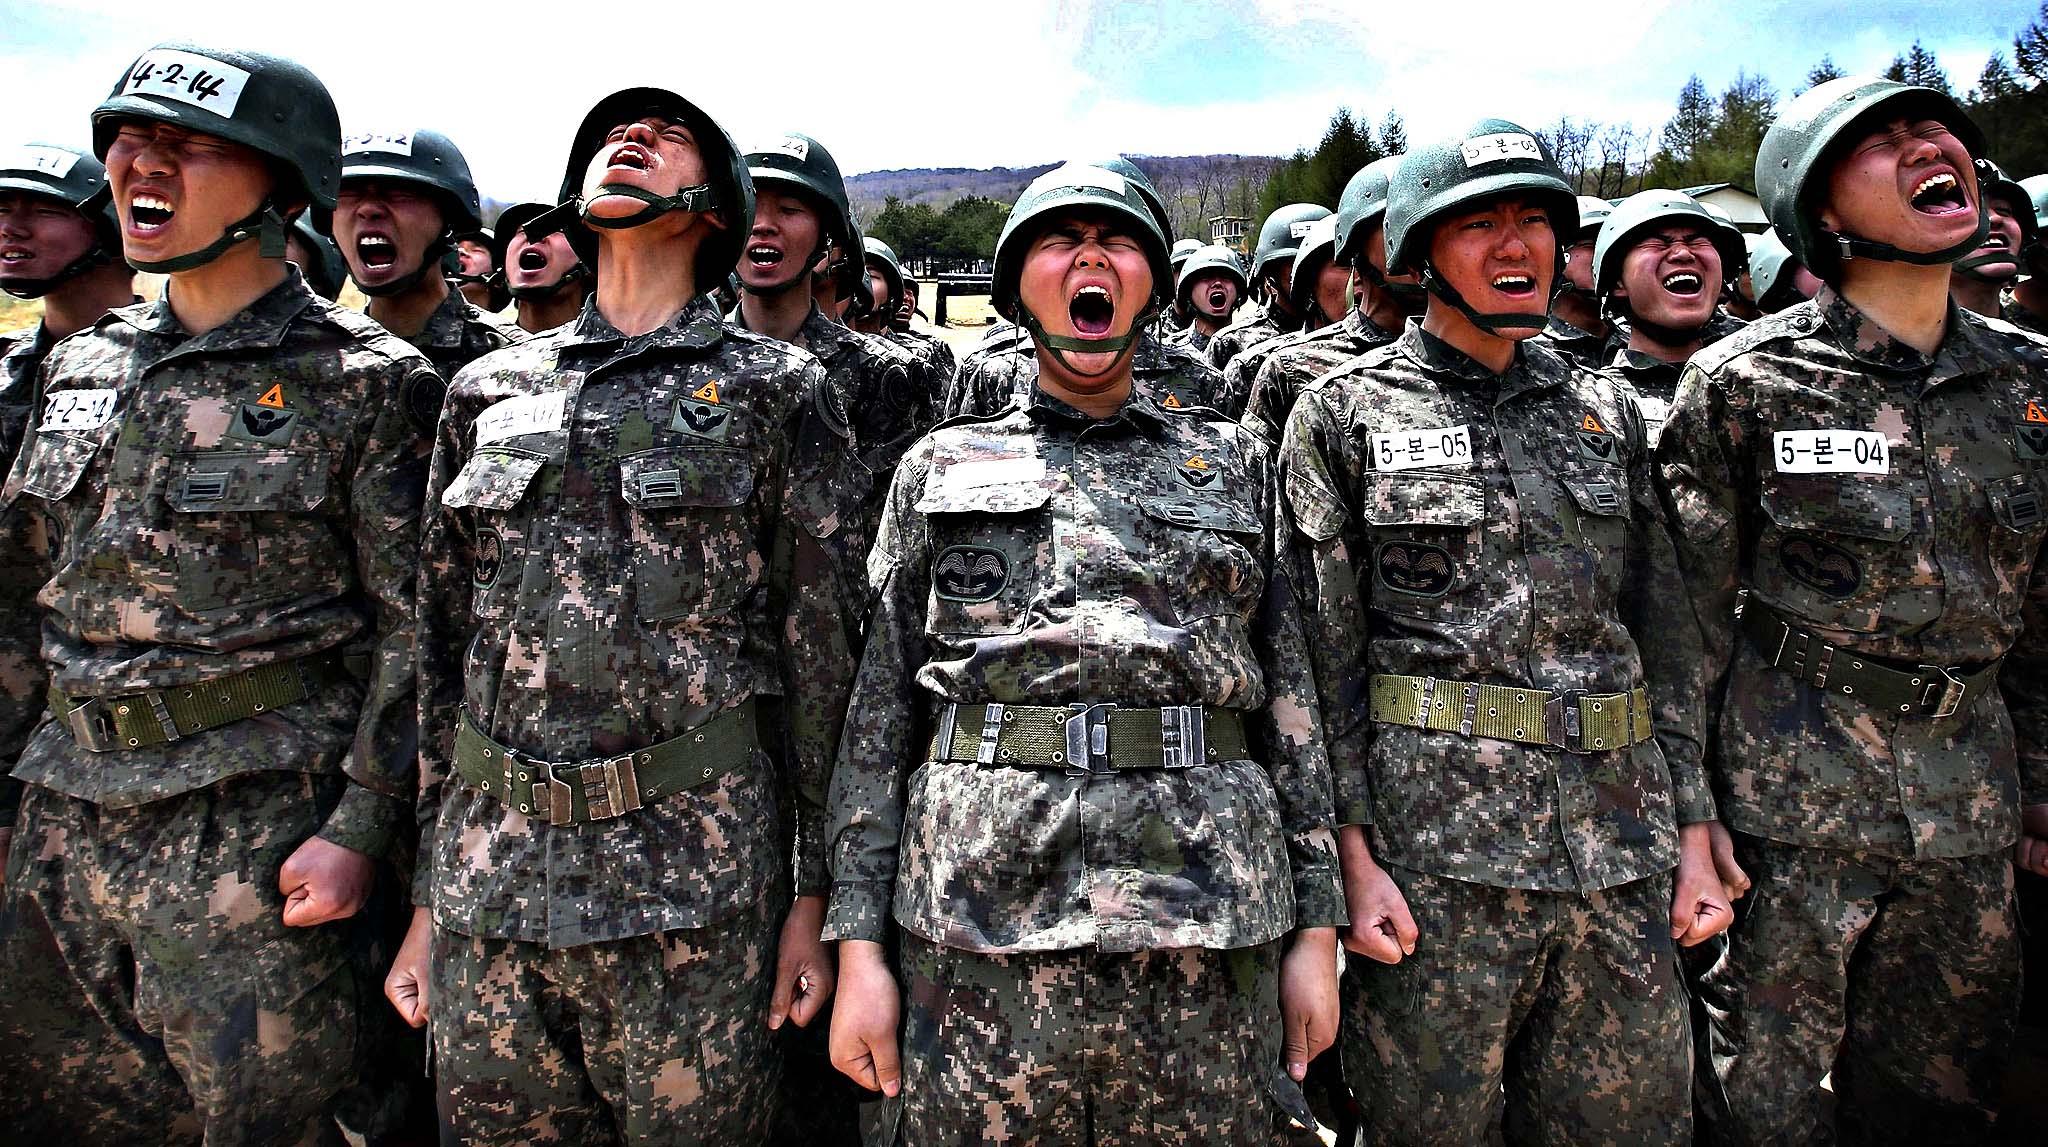 Corea del Sur bloquea acceso de los soldados al comercio de criptomonedas